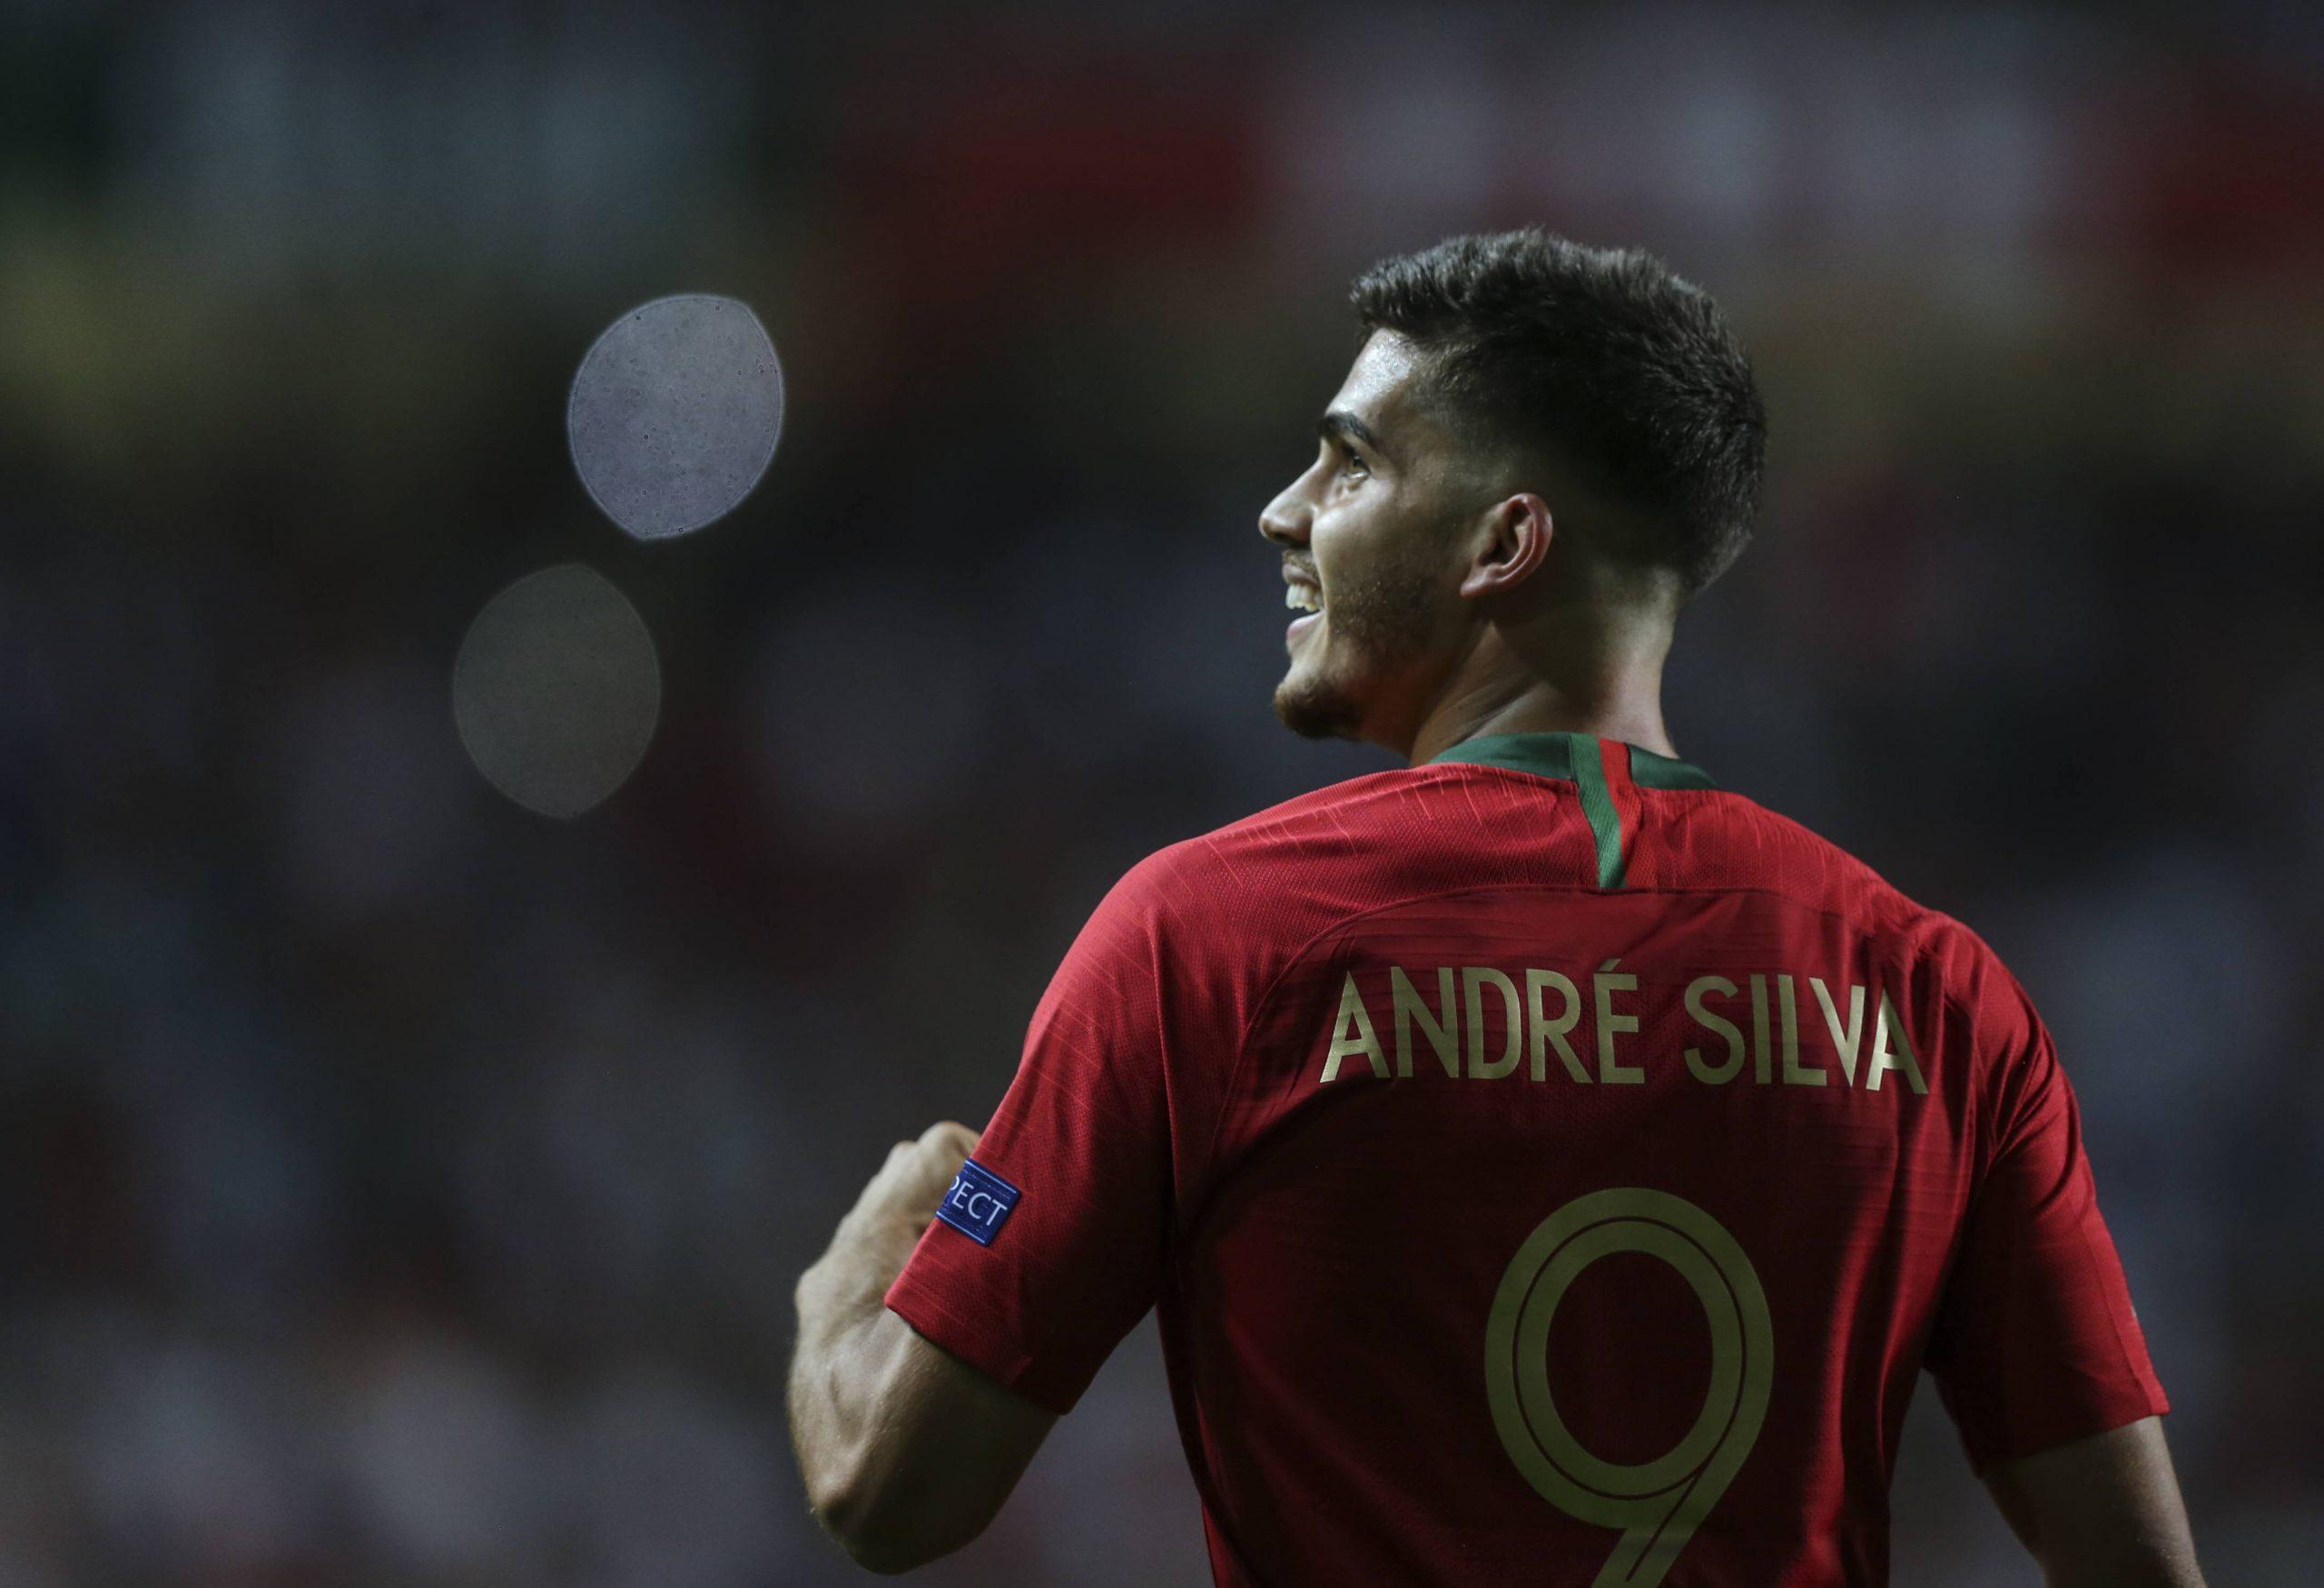 André Silva peut-il récupérer sa place de titulaire en sélection ?